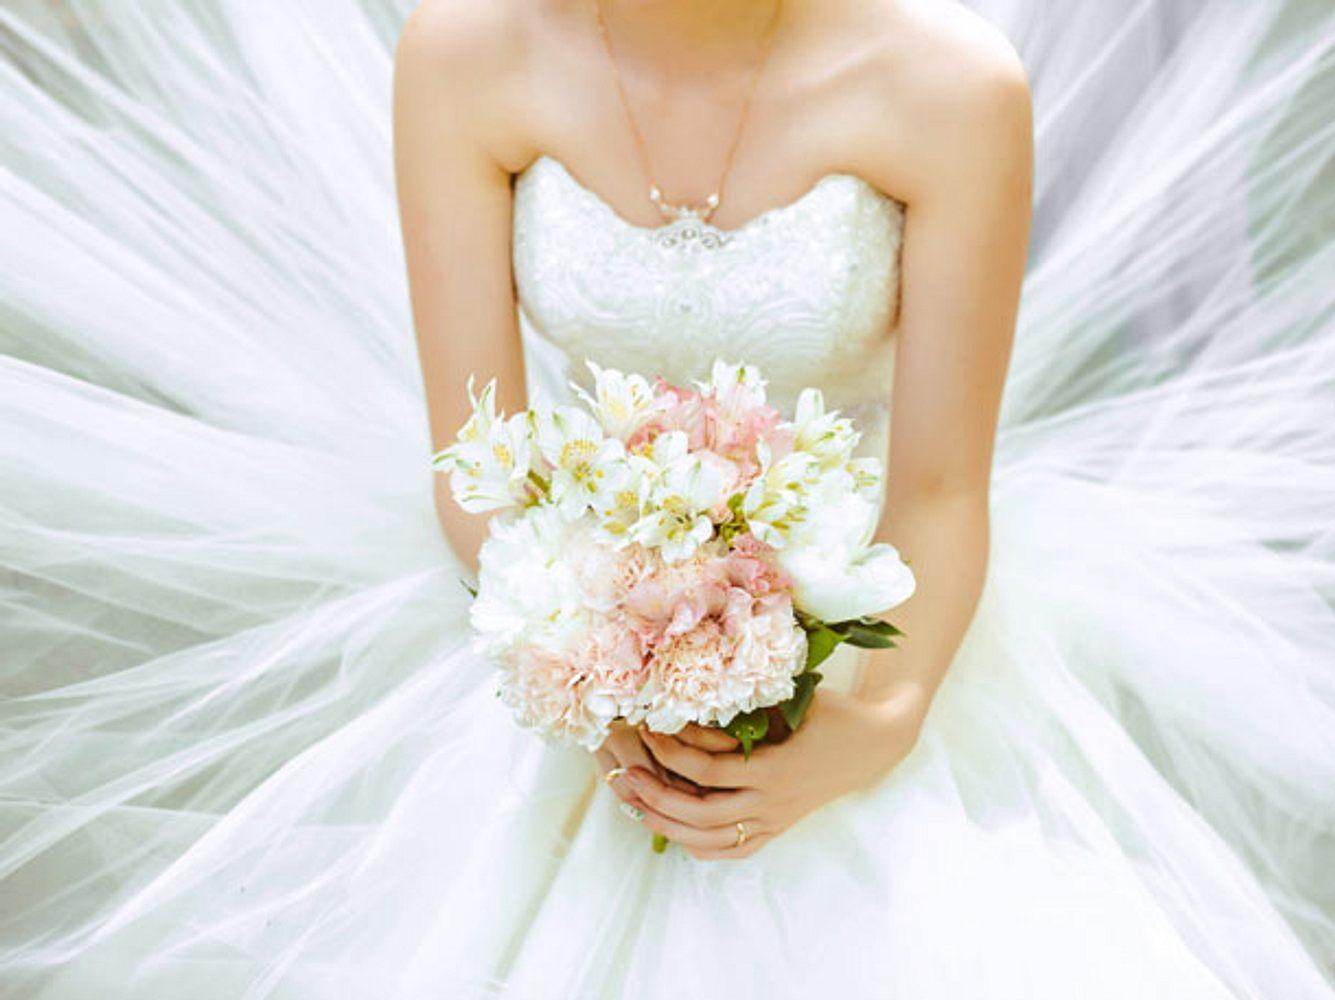 Günstige Brautkleider: Tolle Mode für den großen Tag